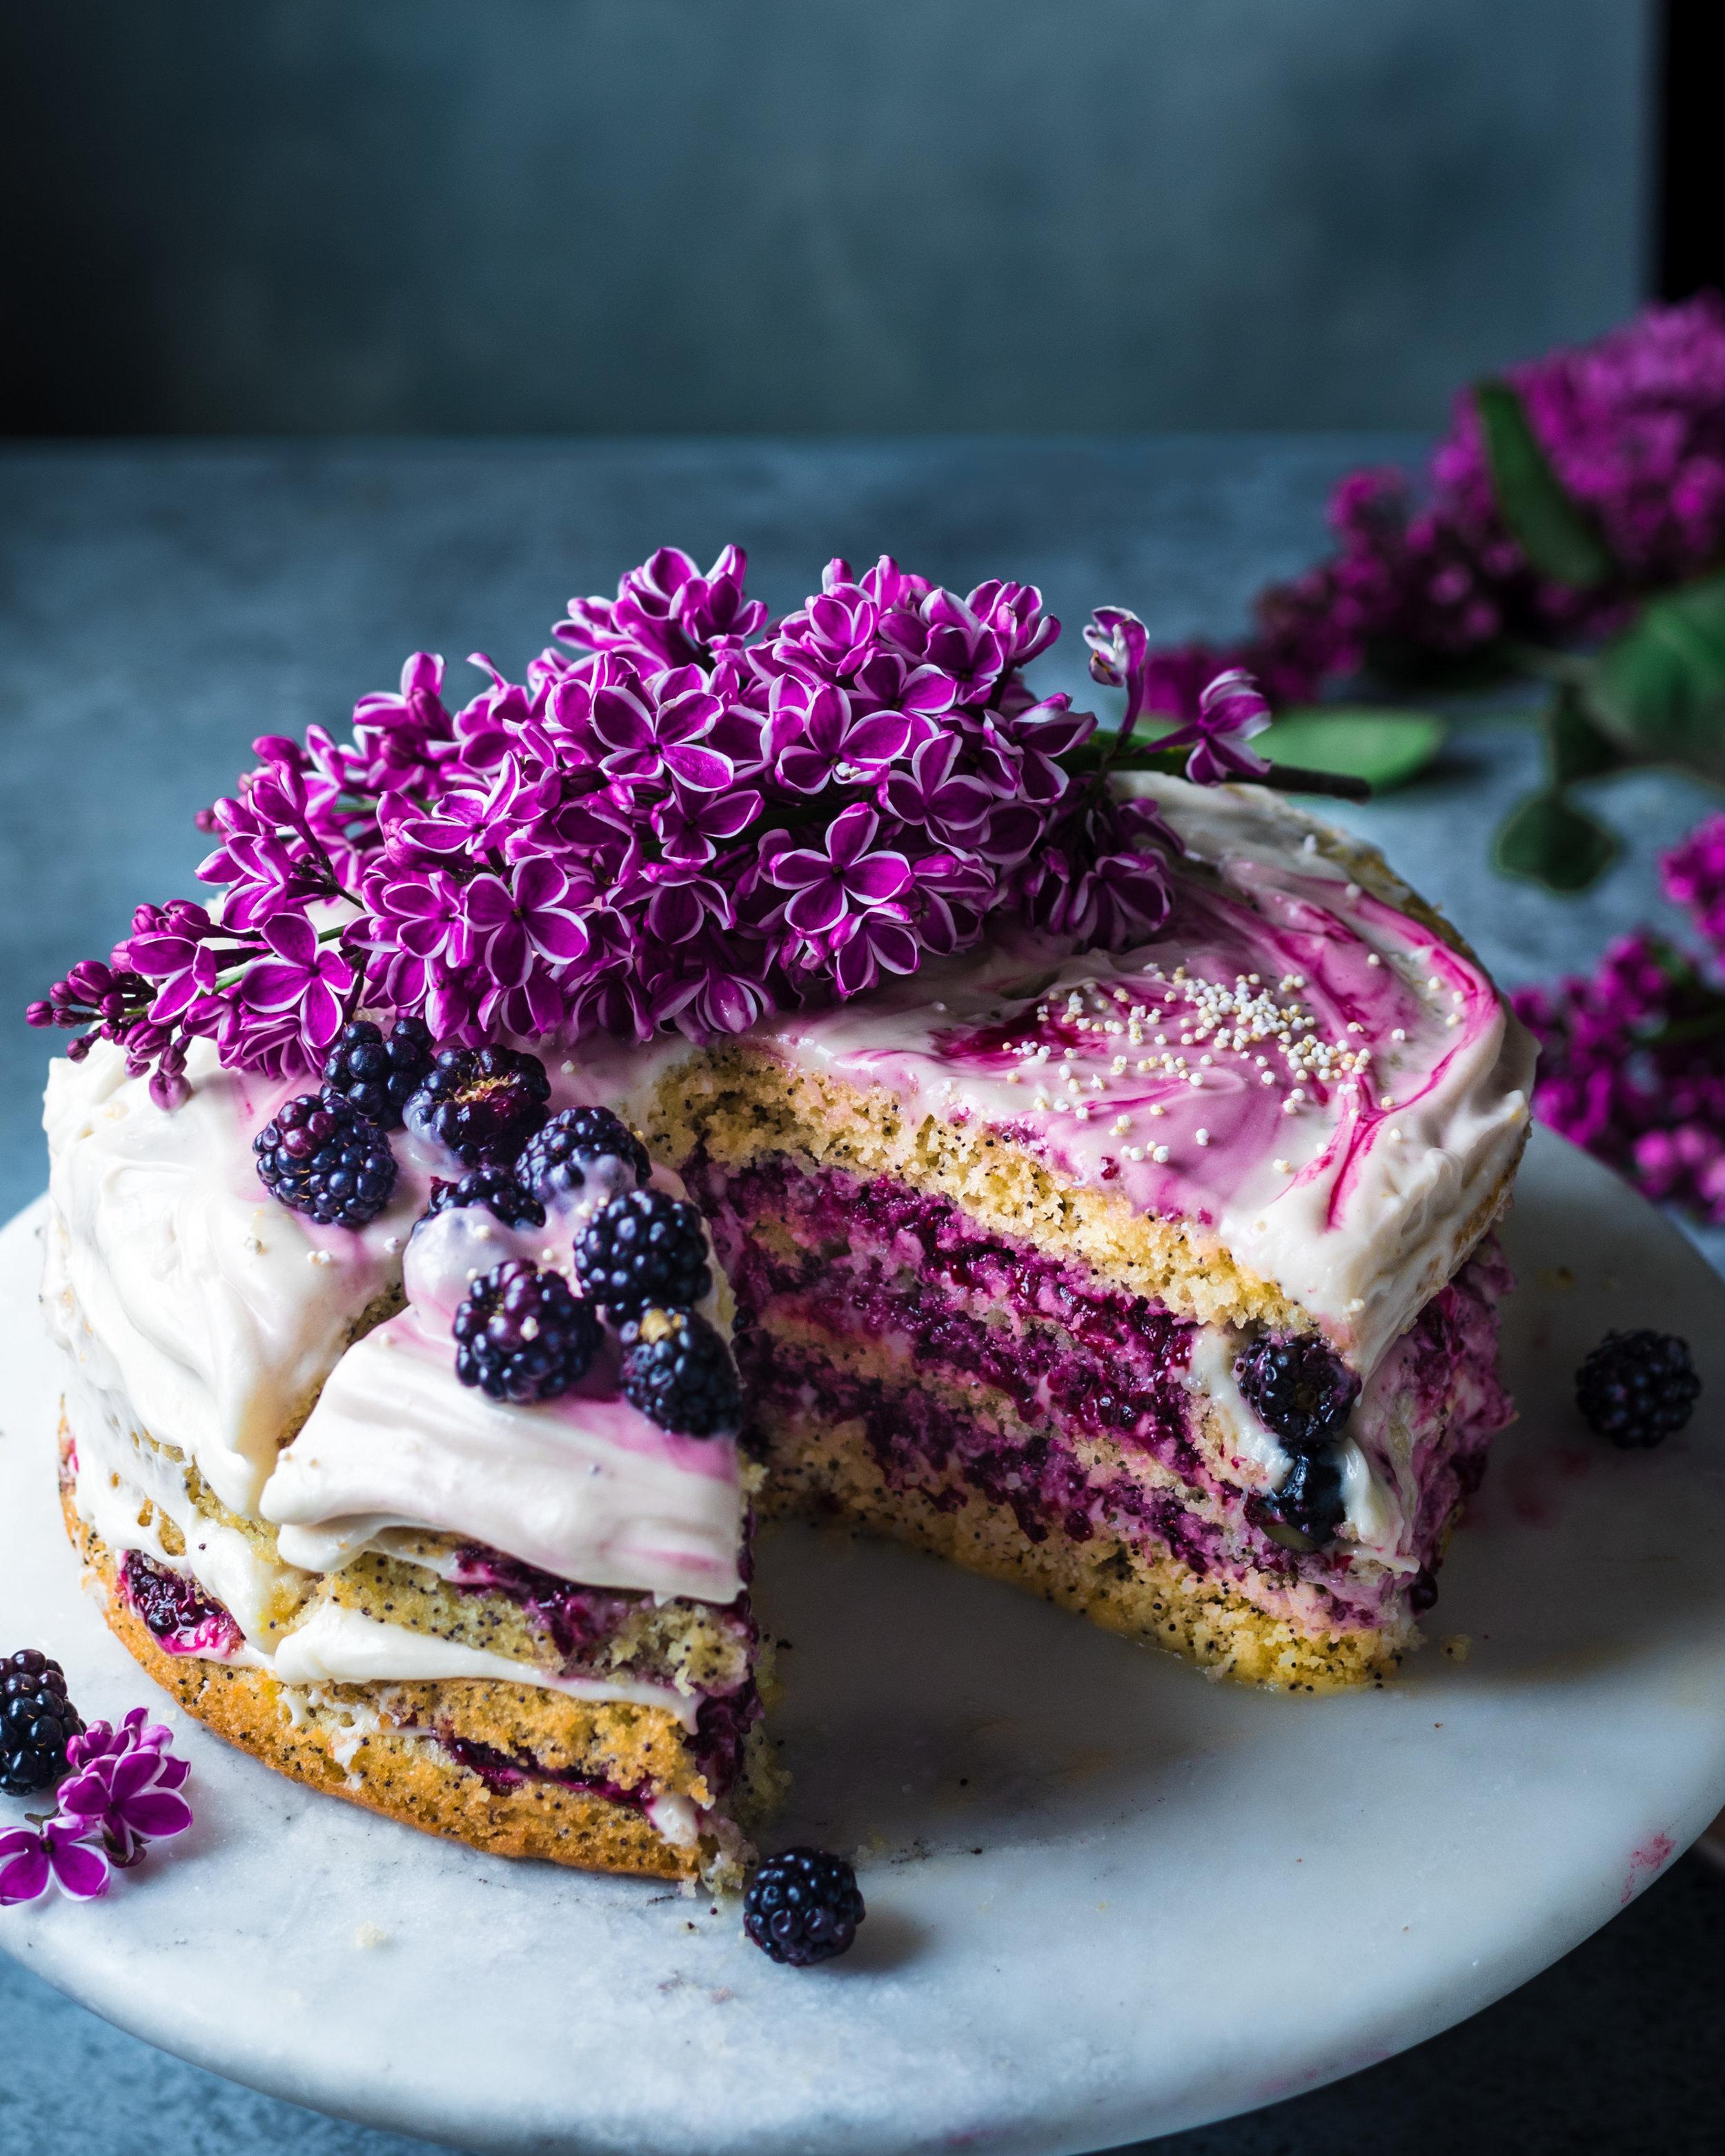 lemon blackberry cake - sliced (brighter0 (1 of 1).jpg